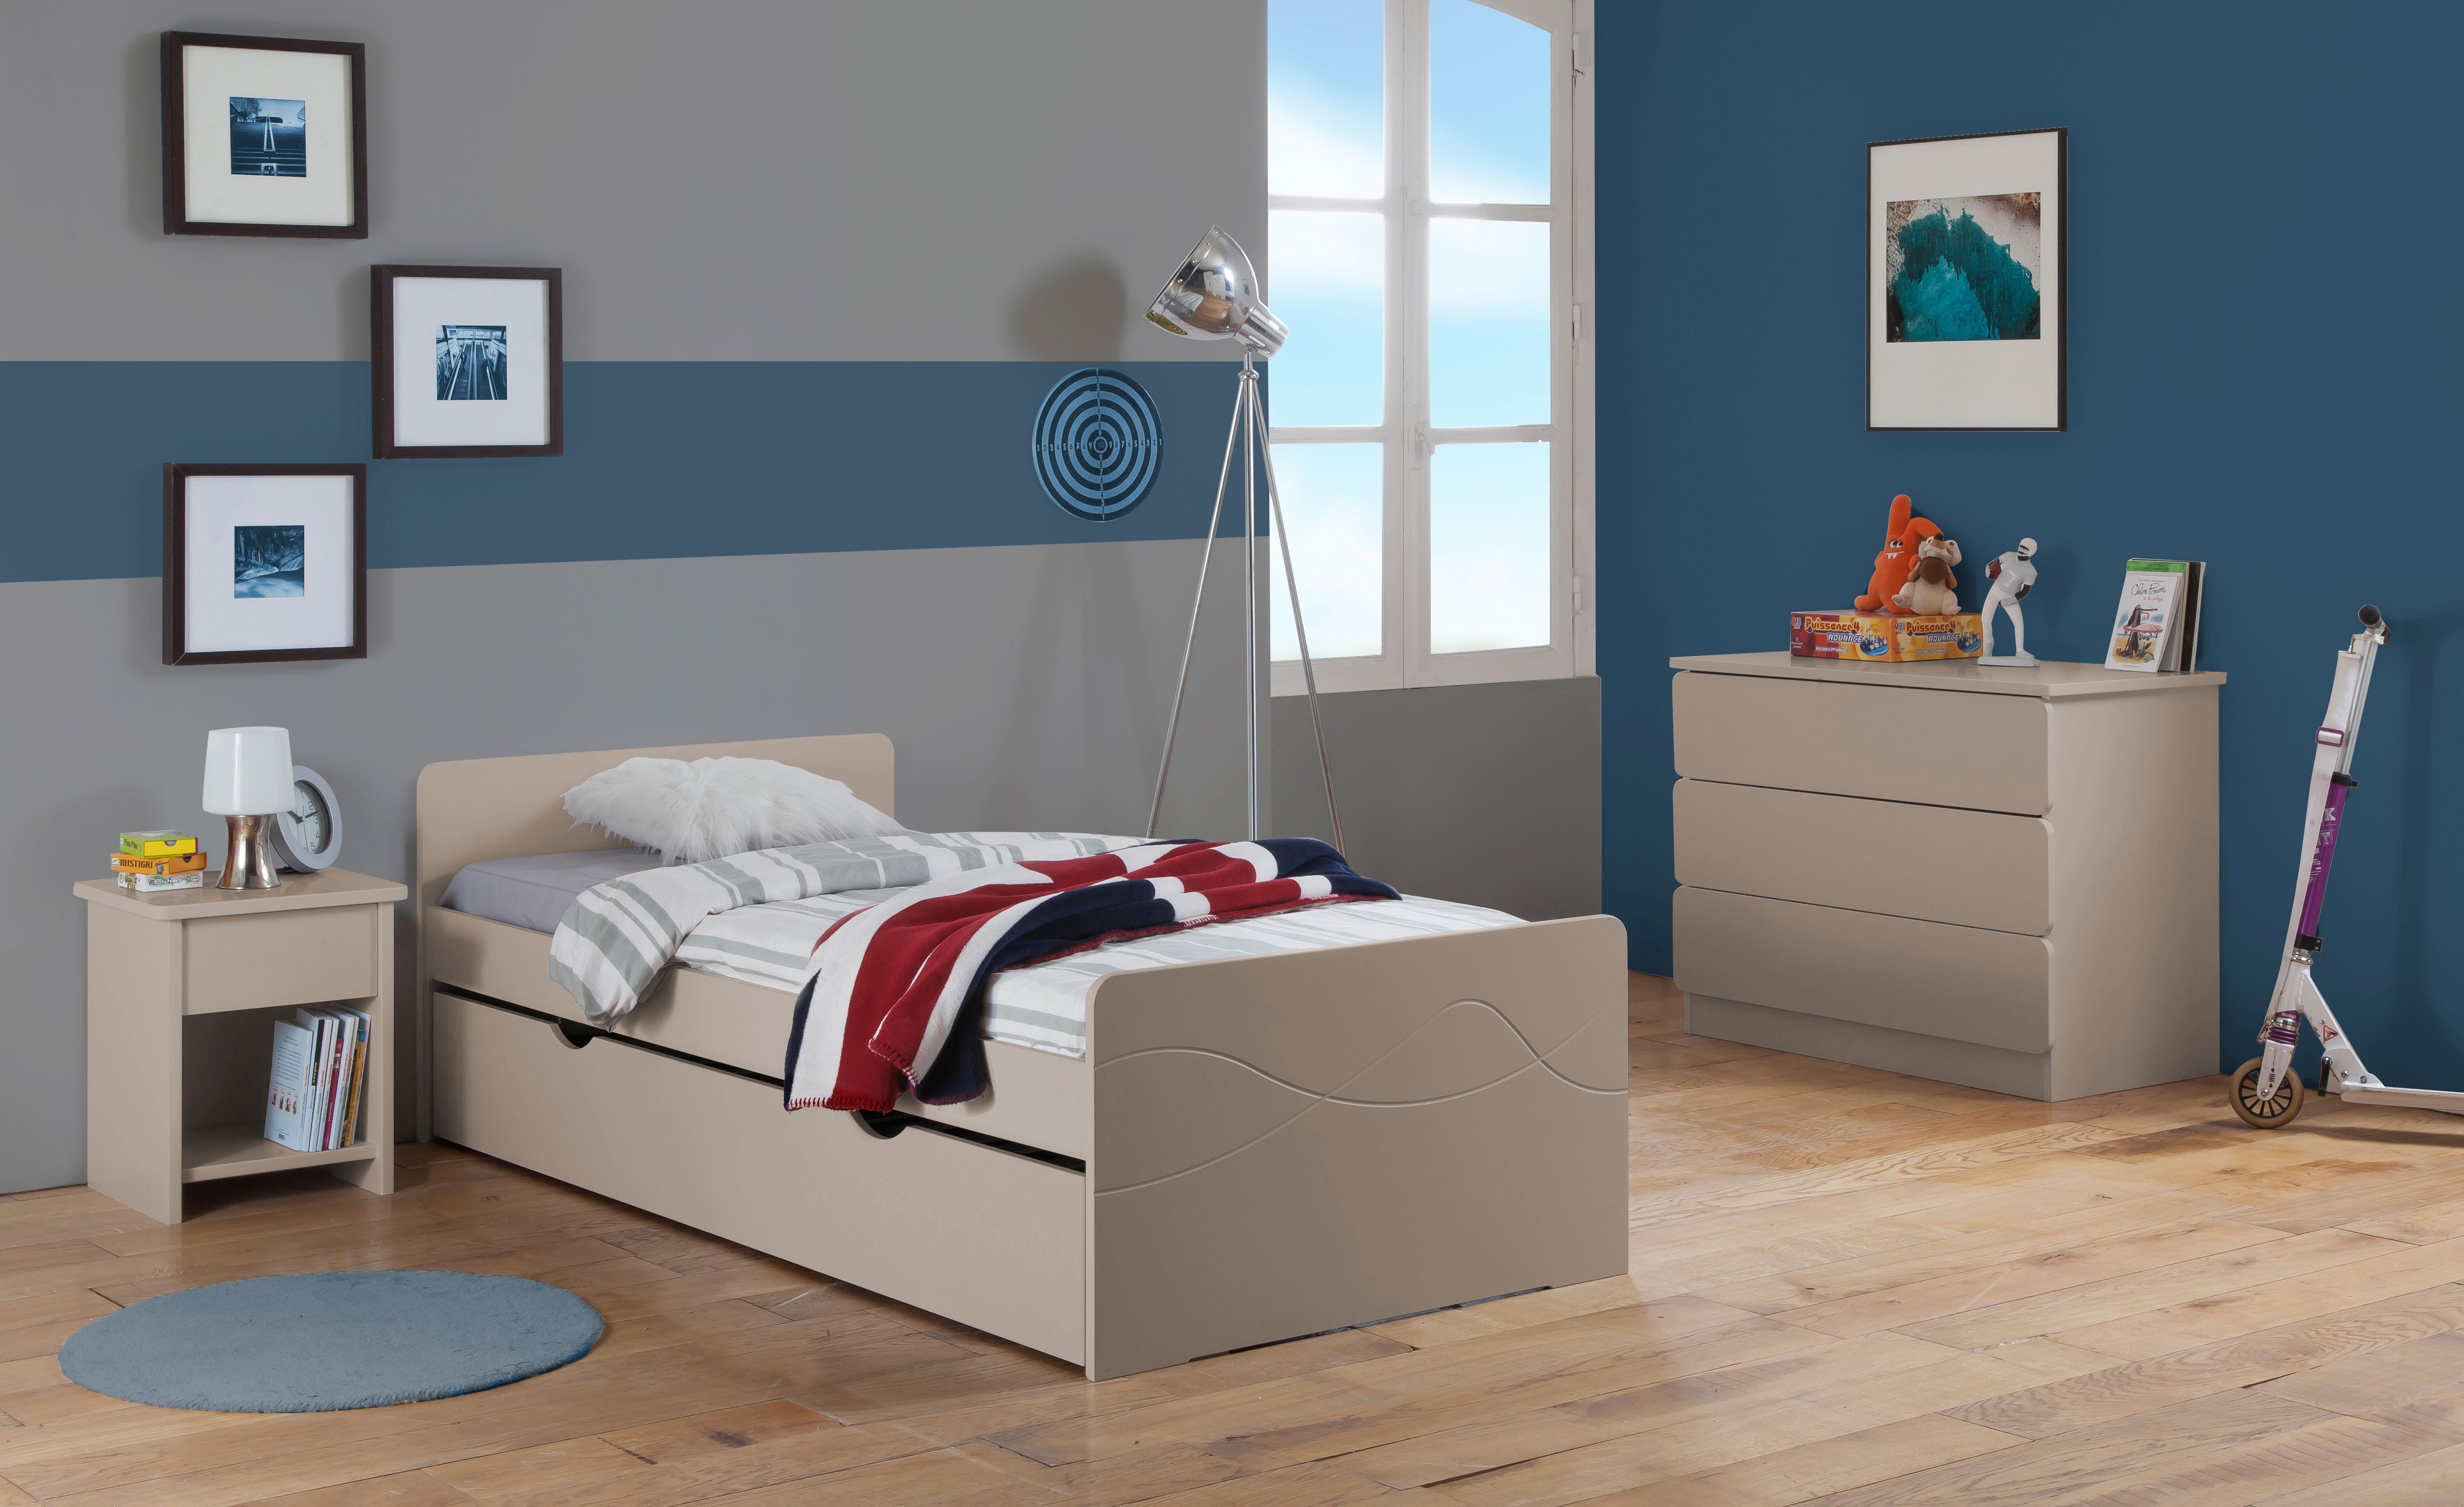 Chambre enfant ado tahiti lit 90x190 tiroir rangement couleur argile table chevet tiroir - Chambre enfant couleur ...